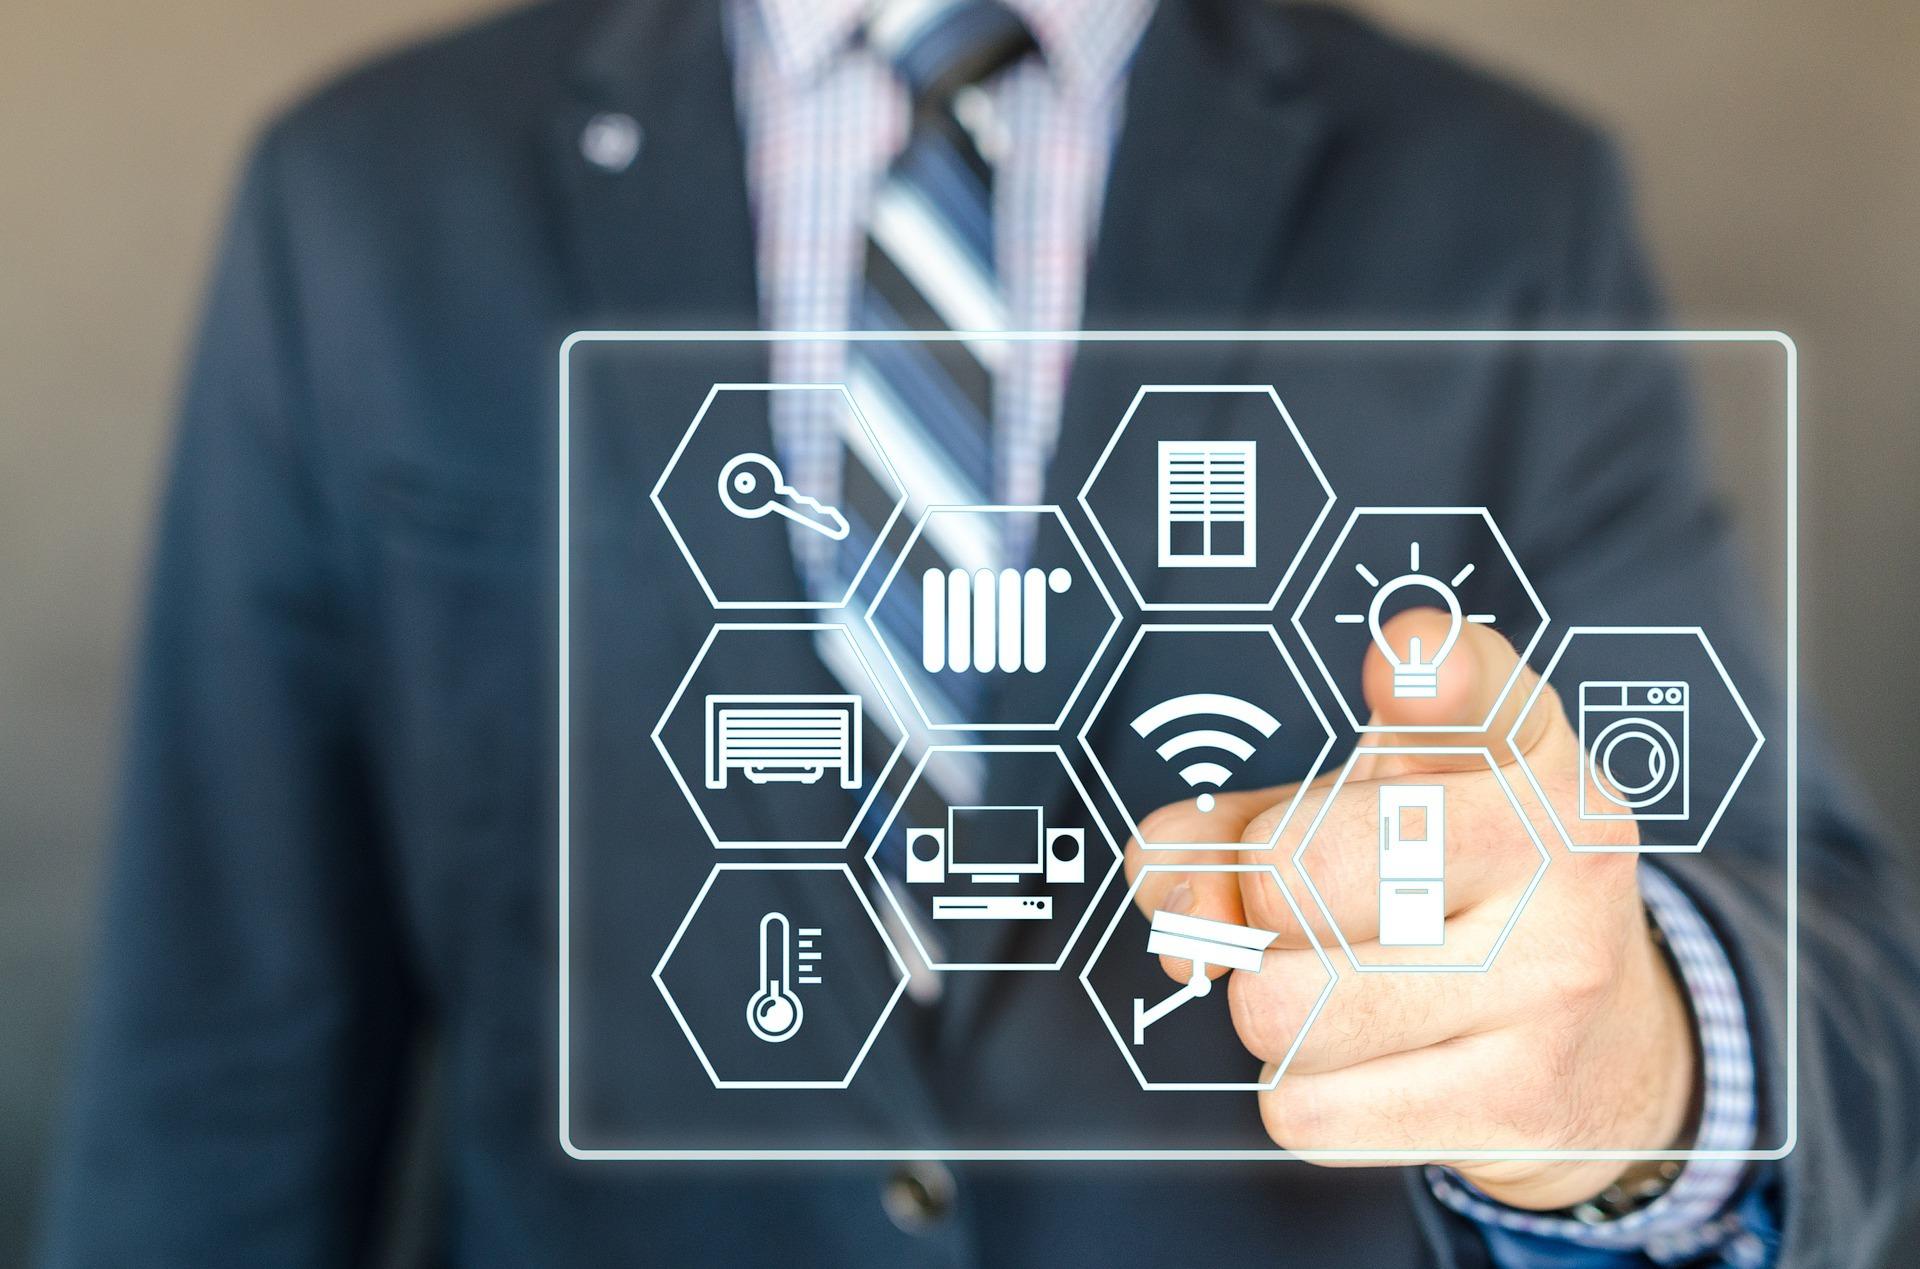 顛覆傳統商業型態,「智慧生活」帶來什麼新商機呢?